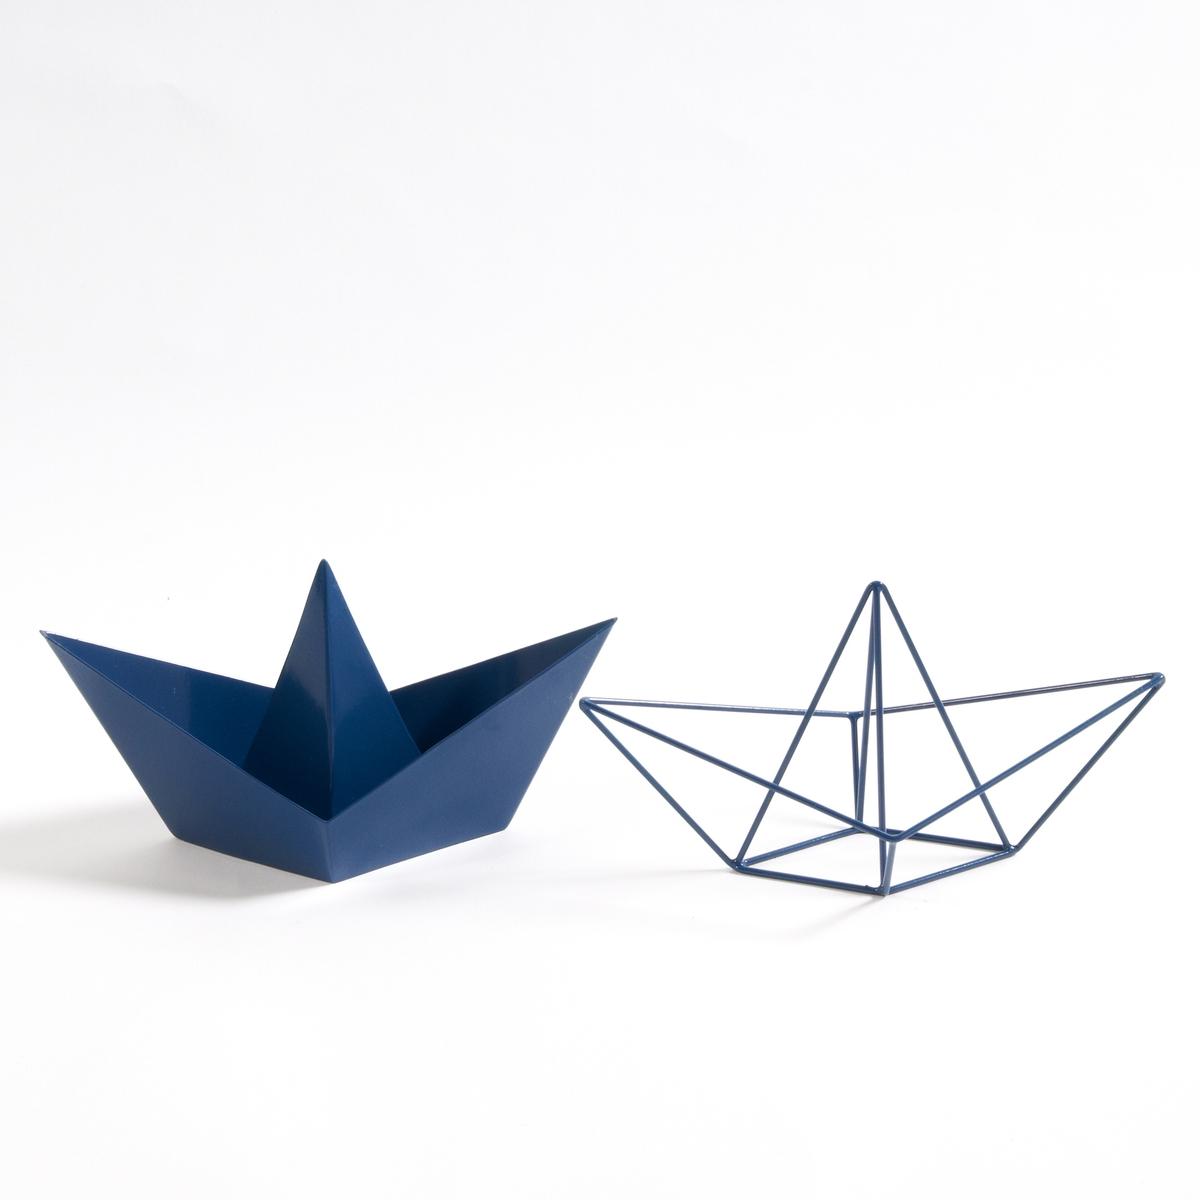 2 металлические лодки в стиле оригами  GayomaМеталлические лодки в стиле оригами Gayoma. 2 небольшие лодки морских оттенков добавят радости и свежести в Ваш интерьер.Описание чехла для подушки Bayac  Характеристики 2 металлических лодок оригами Gayoma :Металлический каркас (1 цельный, 1 проволочный), покрытый эпоксидной краскойРазмеры 2 металлических лодок оригами Gayoma :Ш23 x 11 x В9,5 см<br><br>Цвет: синий